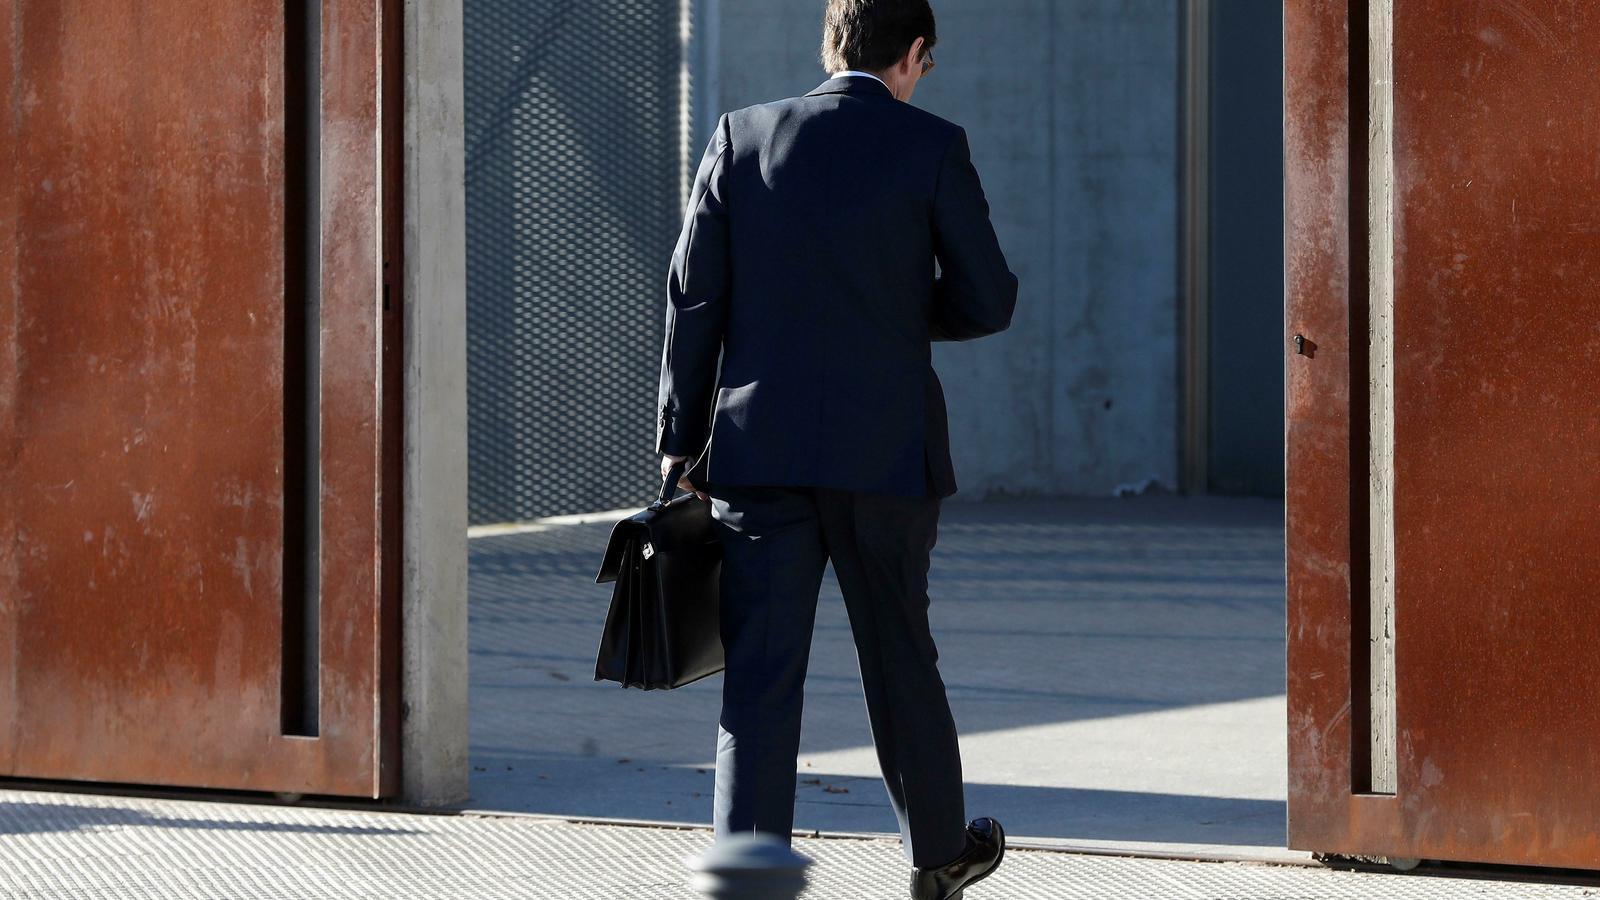 El president de Bankia, José Ignacio Goirigolzarri, a l'arribada a l'Audiència Nacional per testificar en el cas Bankia.